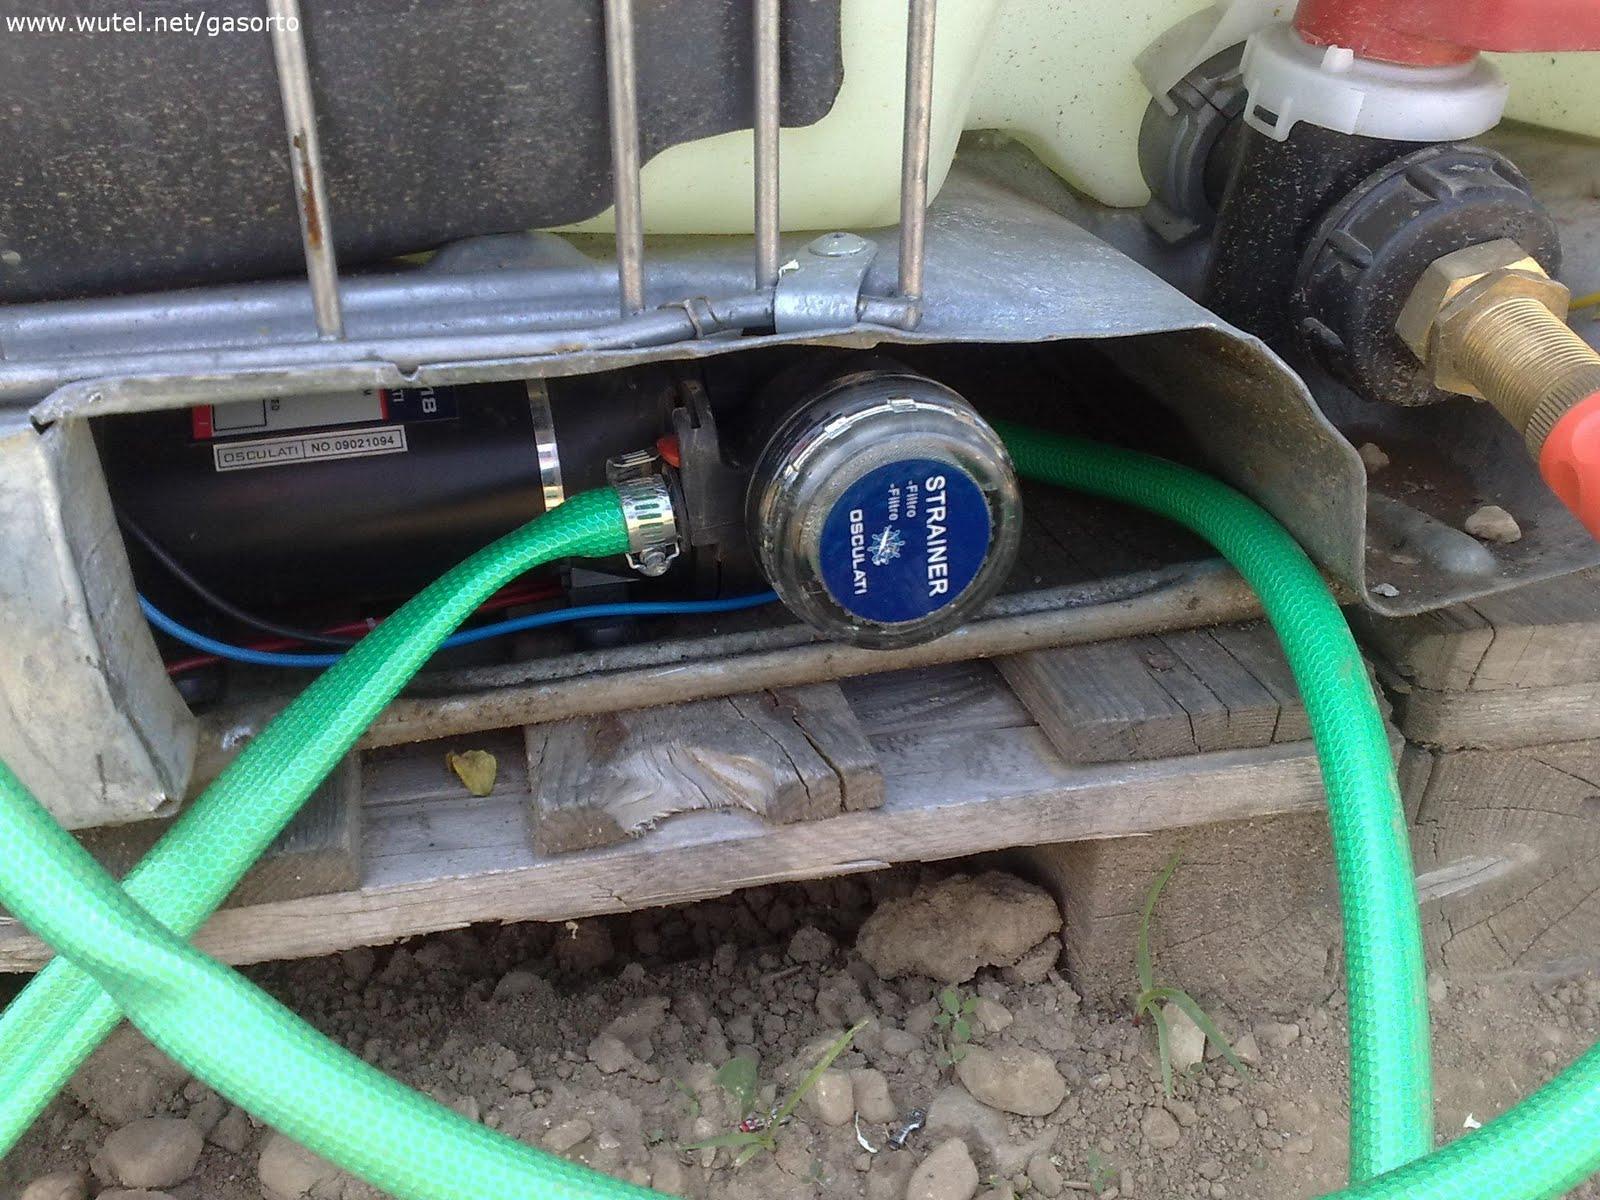 Gasorto di biassono mb acqua dal sole for Pompa irrigazione